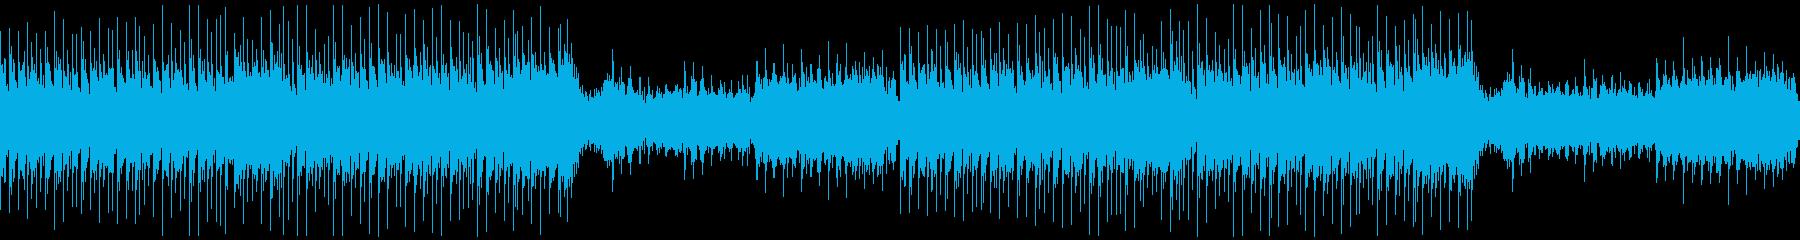 【ループ】尺八/篠笛かっこいい和風EDMの再生済みの波形